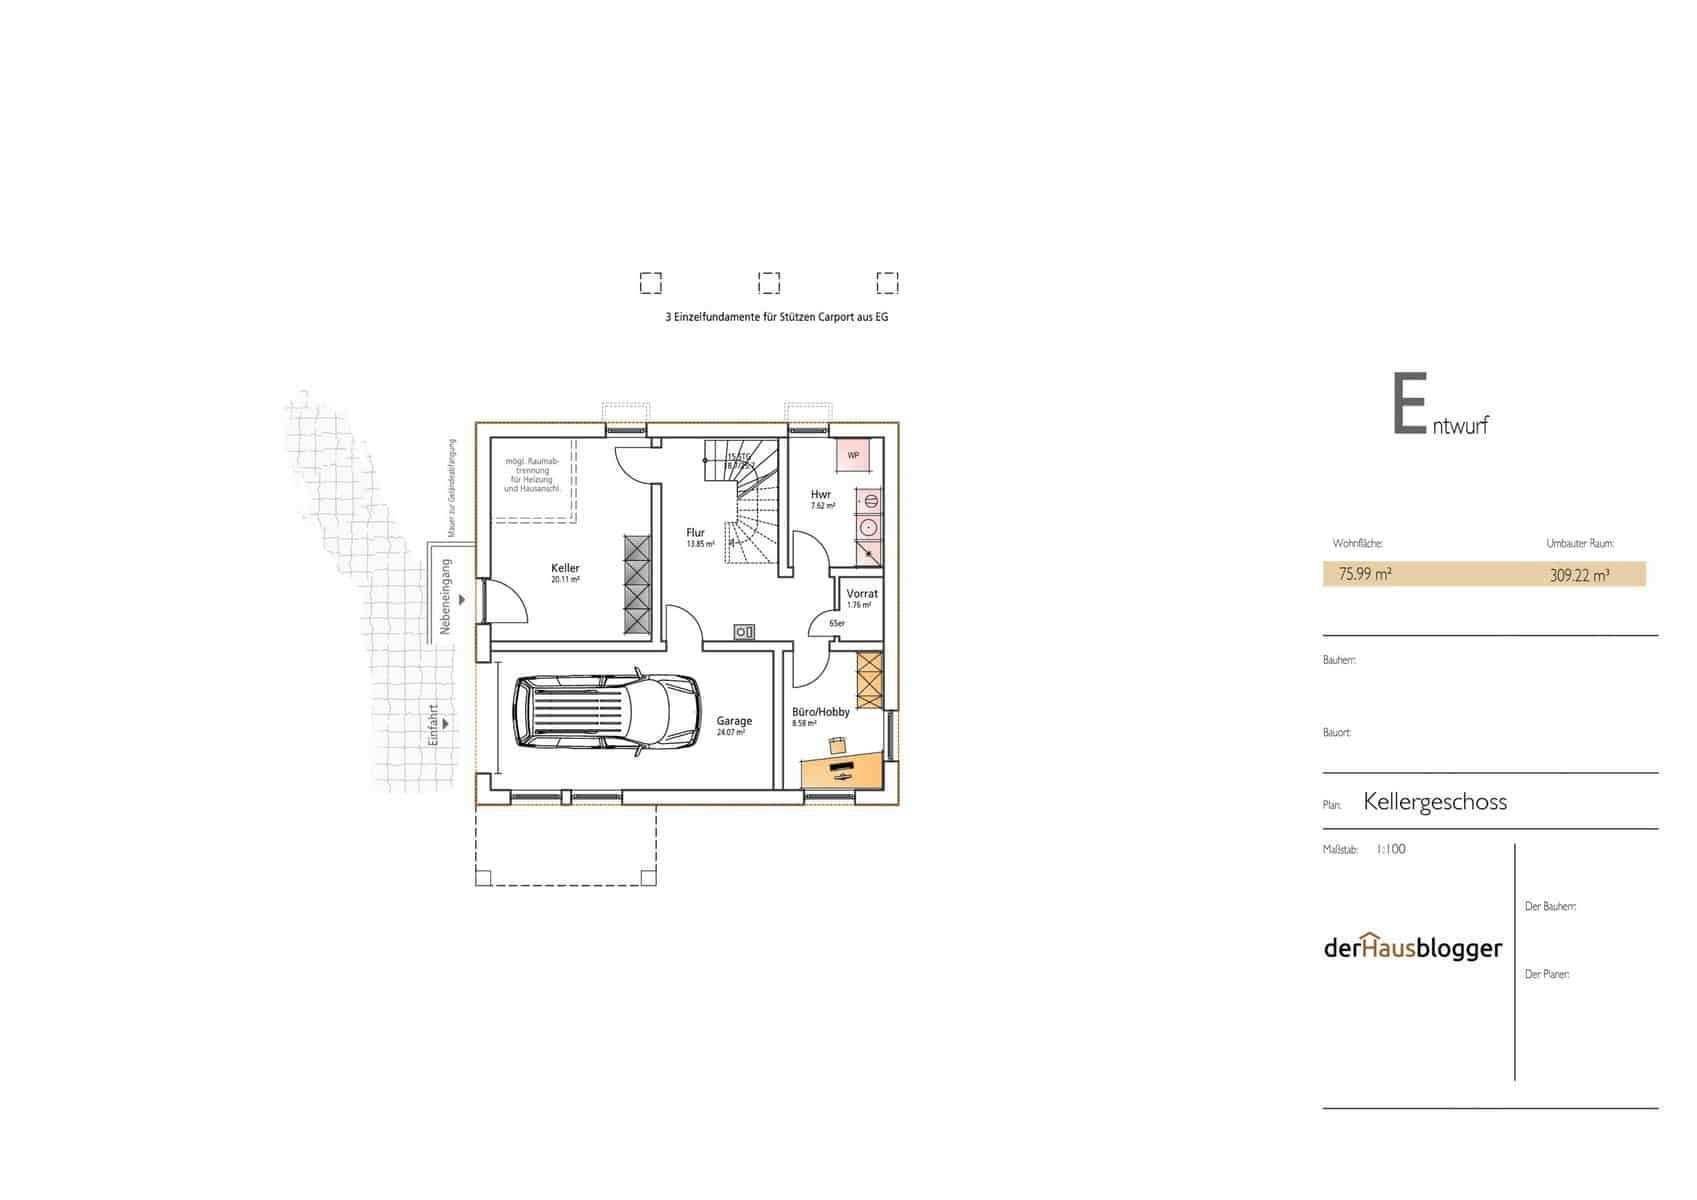 Satteldachhaus 137 4m Derhausblogger In 2020 Flachdachhaus Haus Grundriss Einfamilienhaus